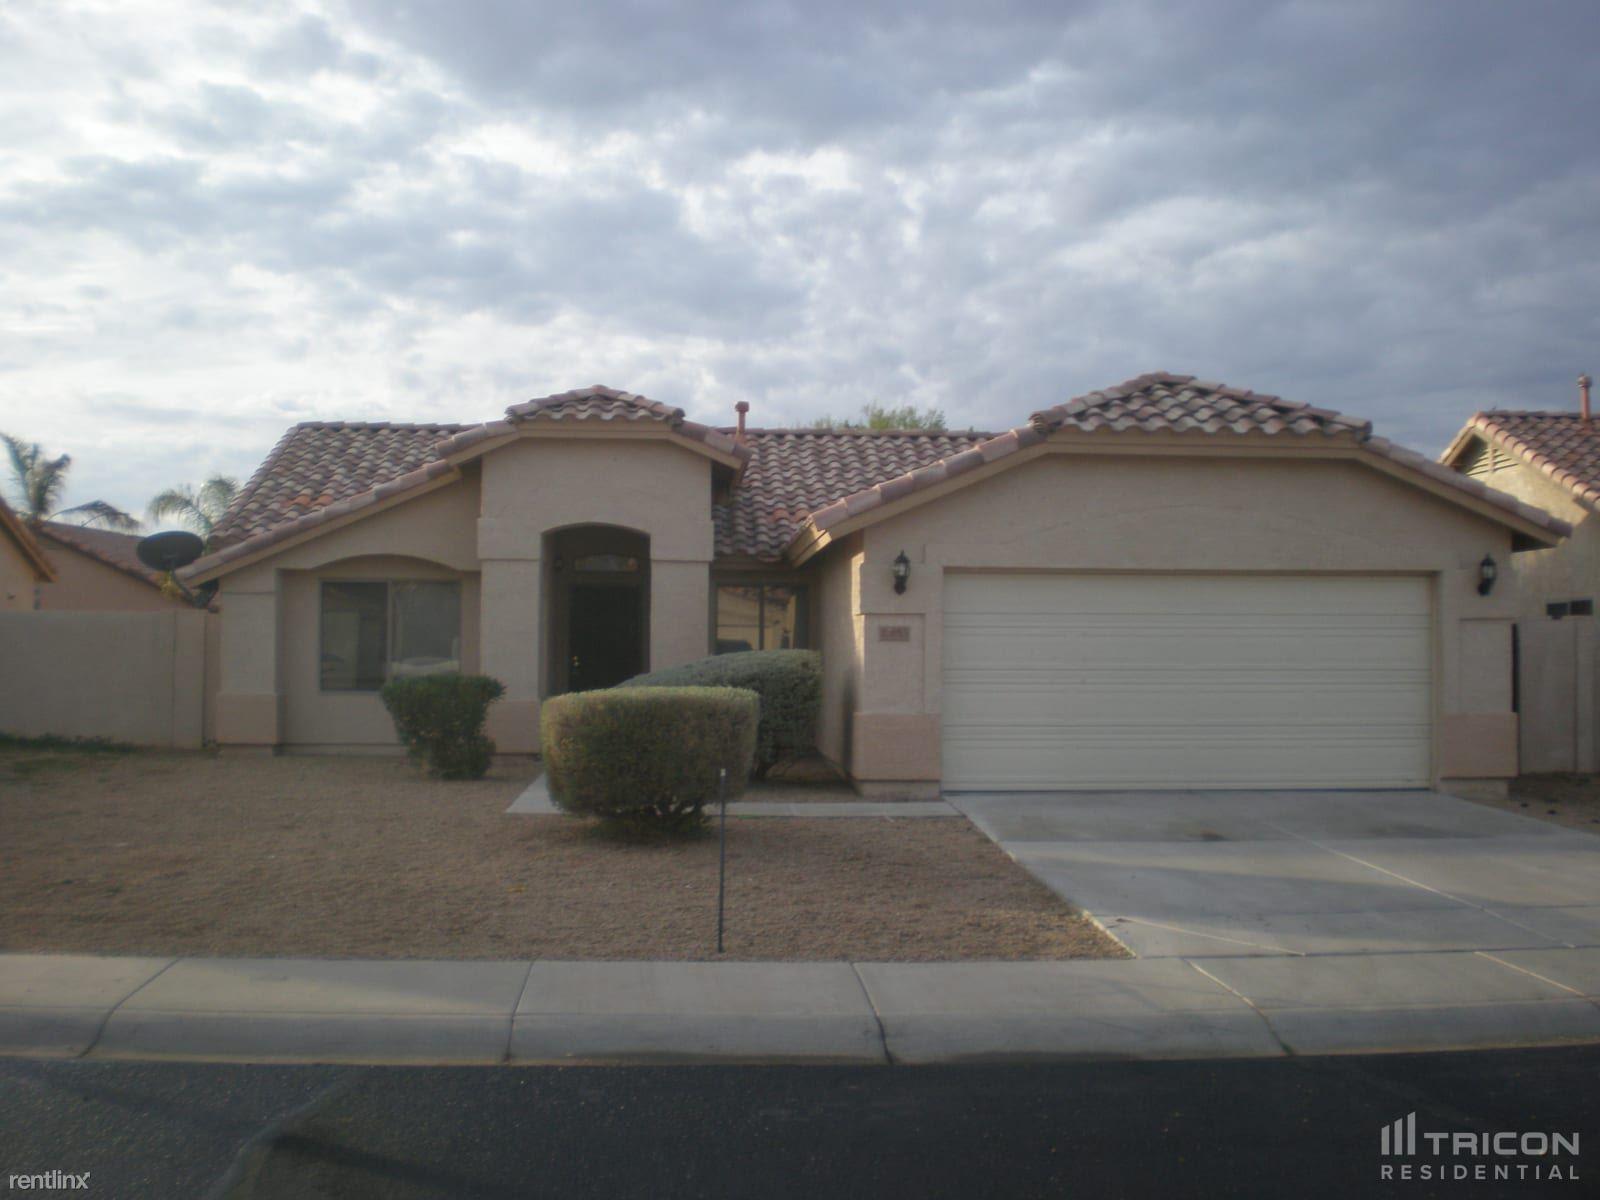 10853 W Sands Drive, Sun City, AZ - 2,099 USD/ month